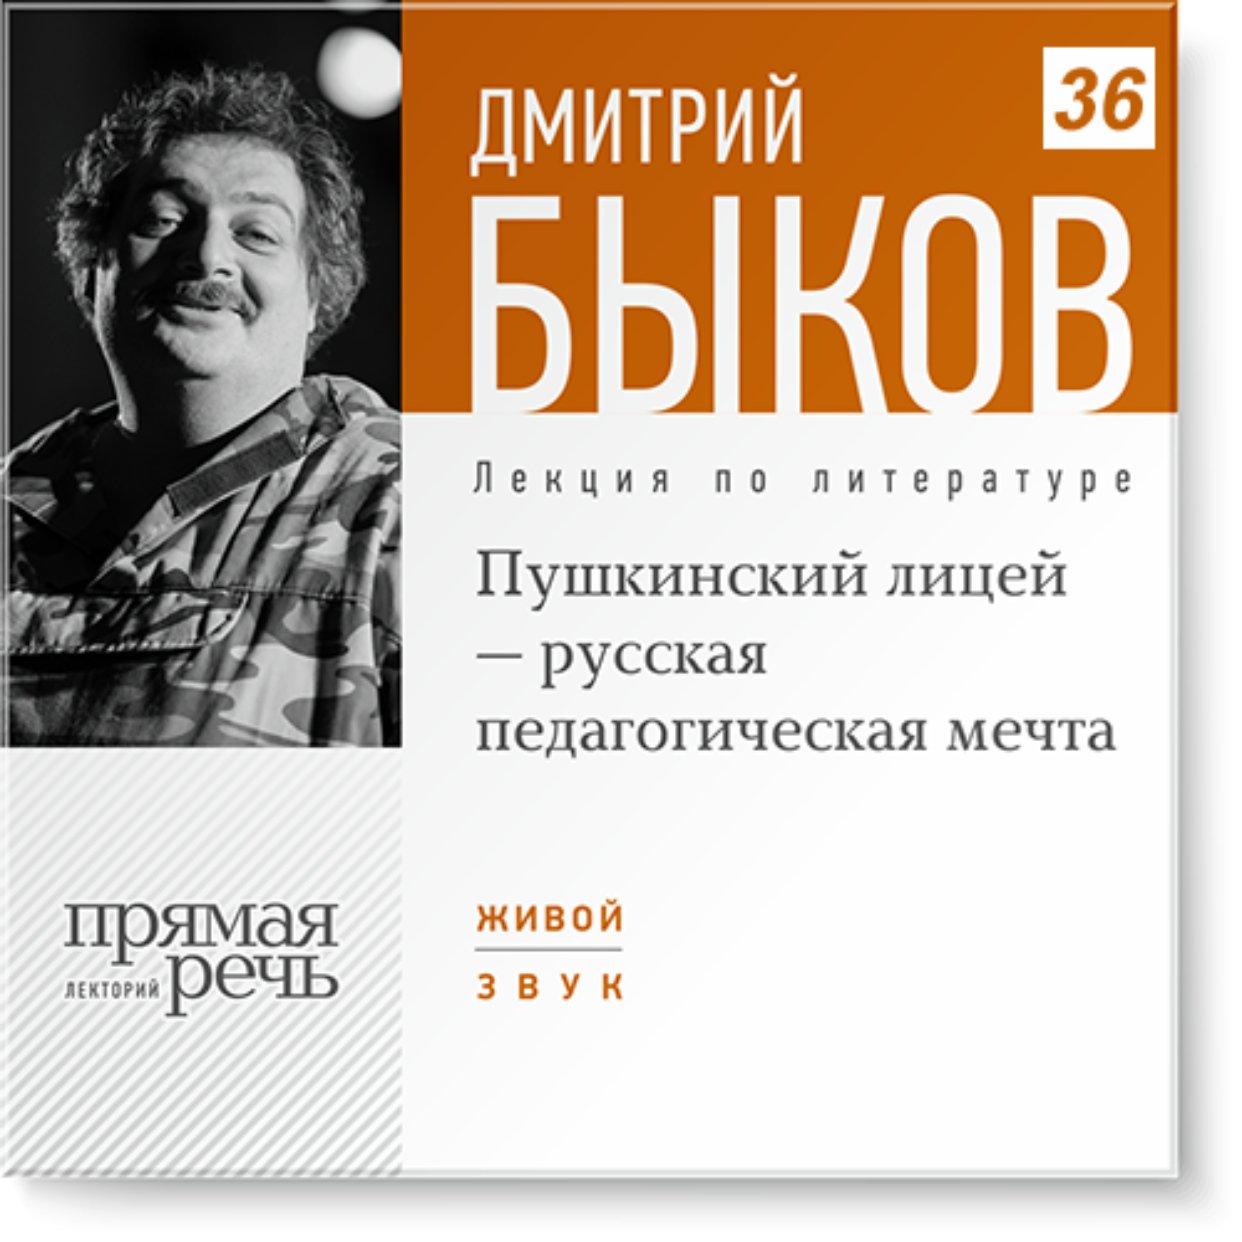 Пушкинский лицей - русская педагогическая мечта